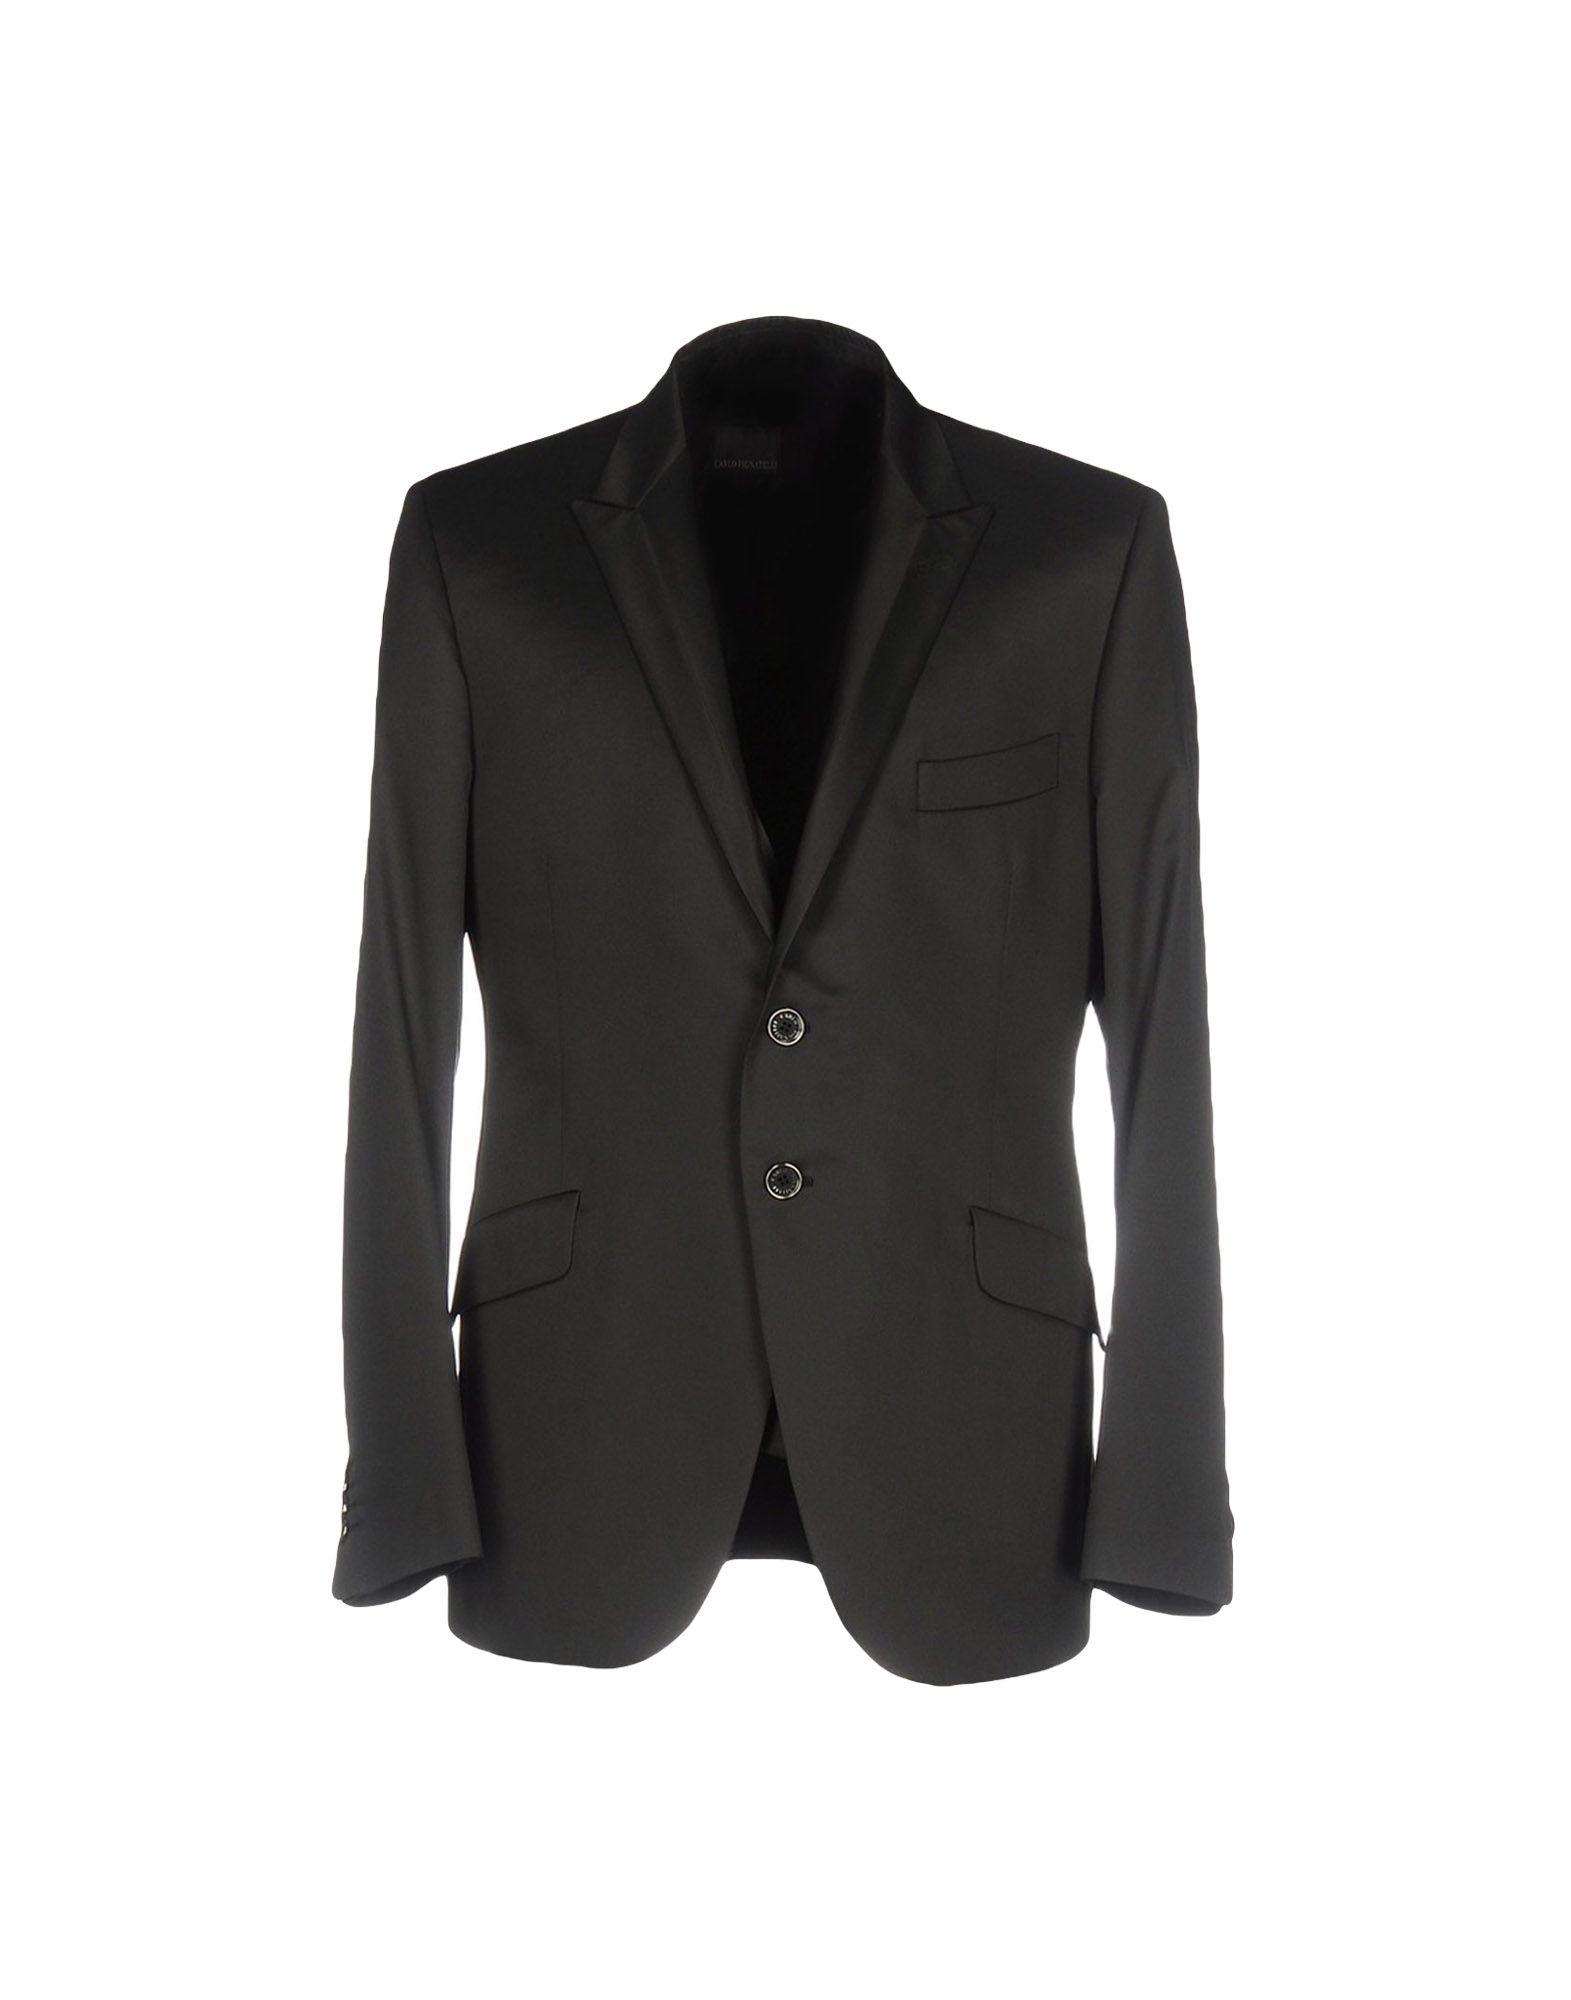 CARLO PIGNATELLI Blazer in Black